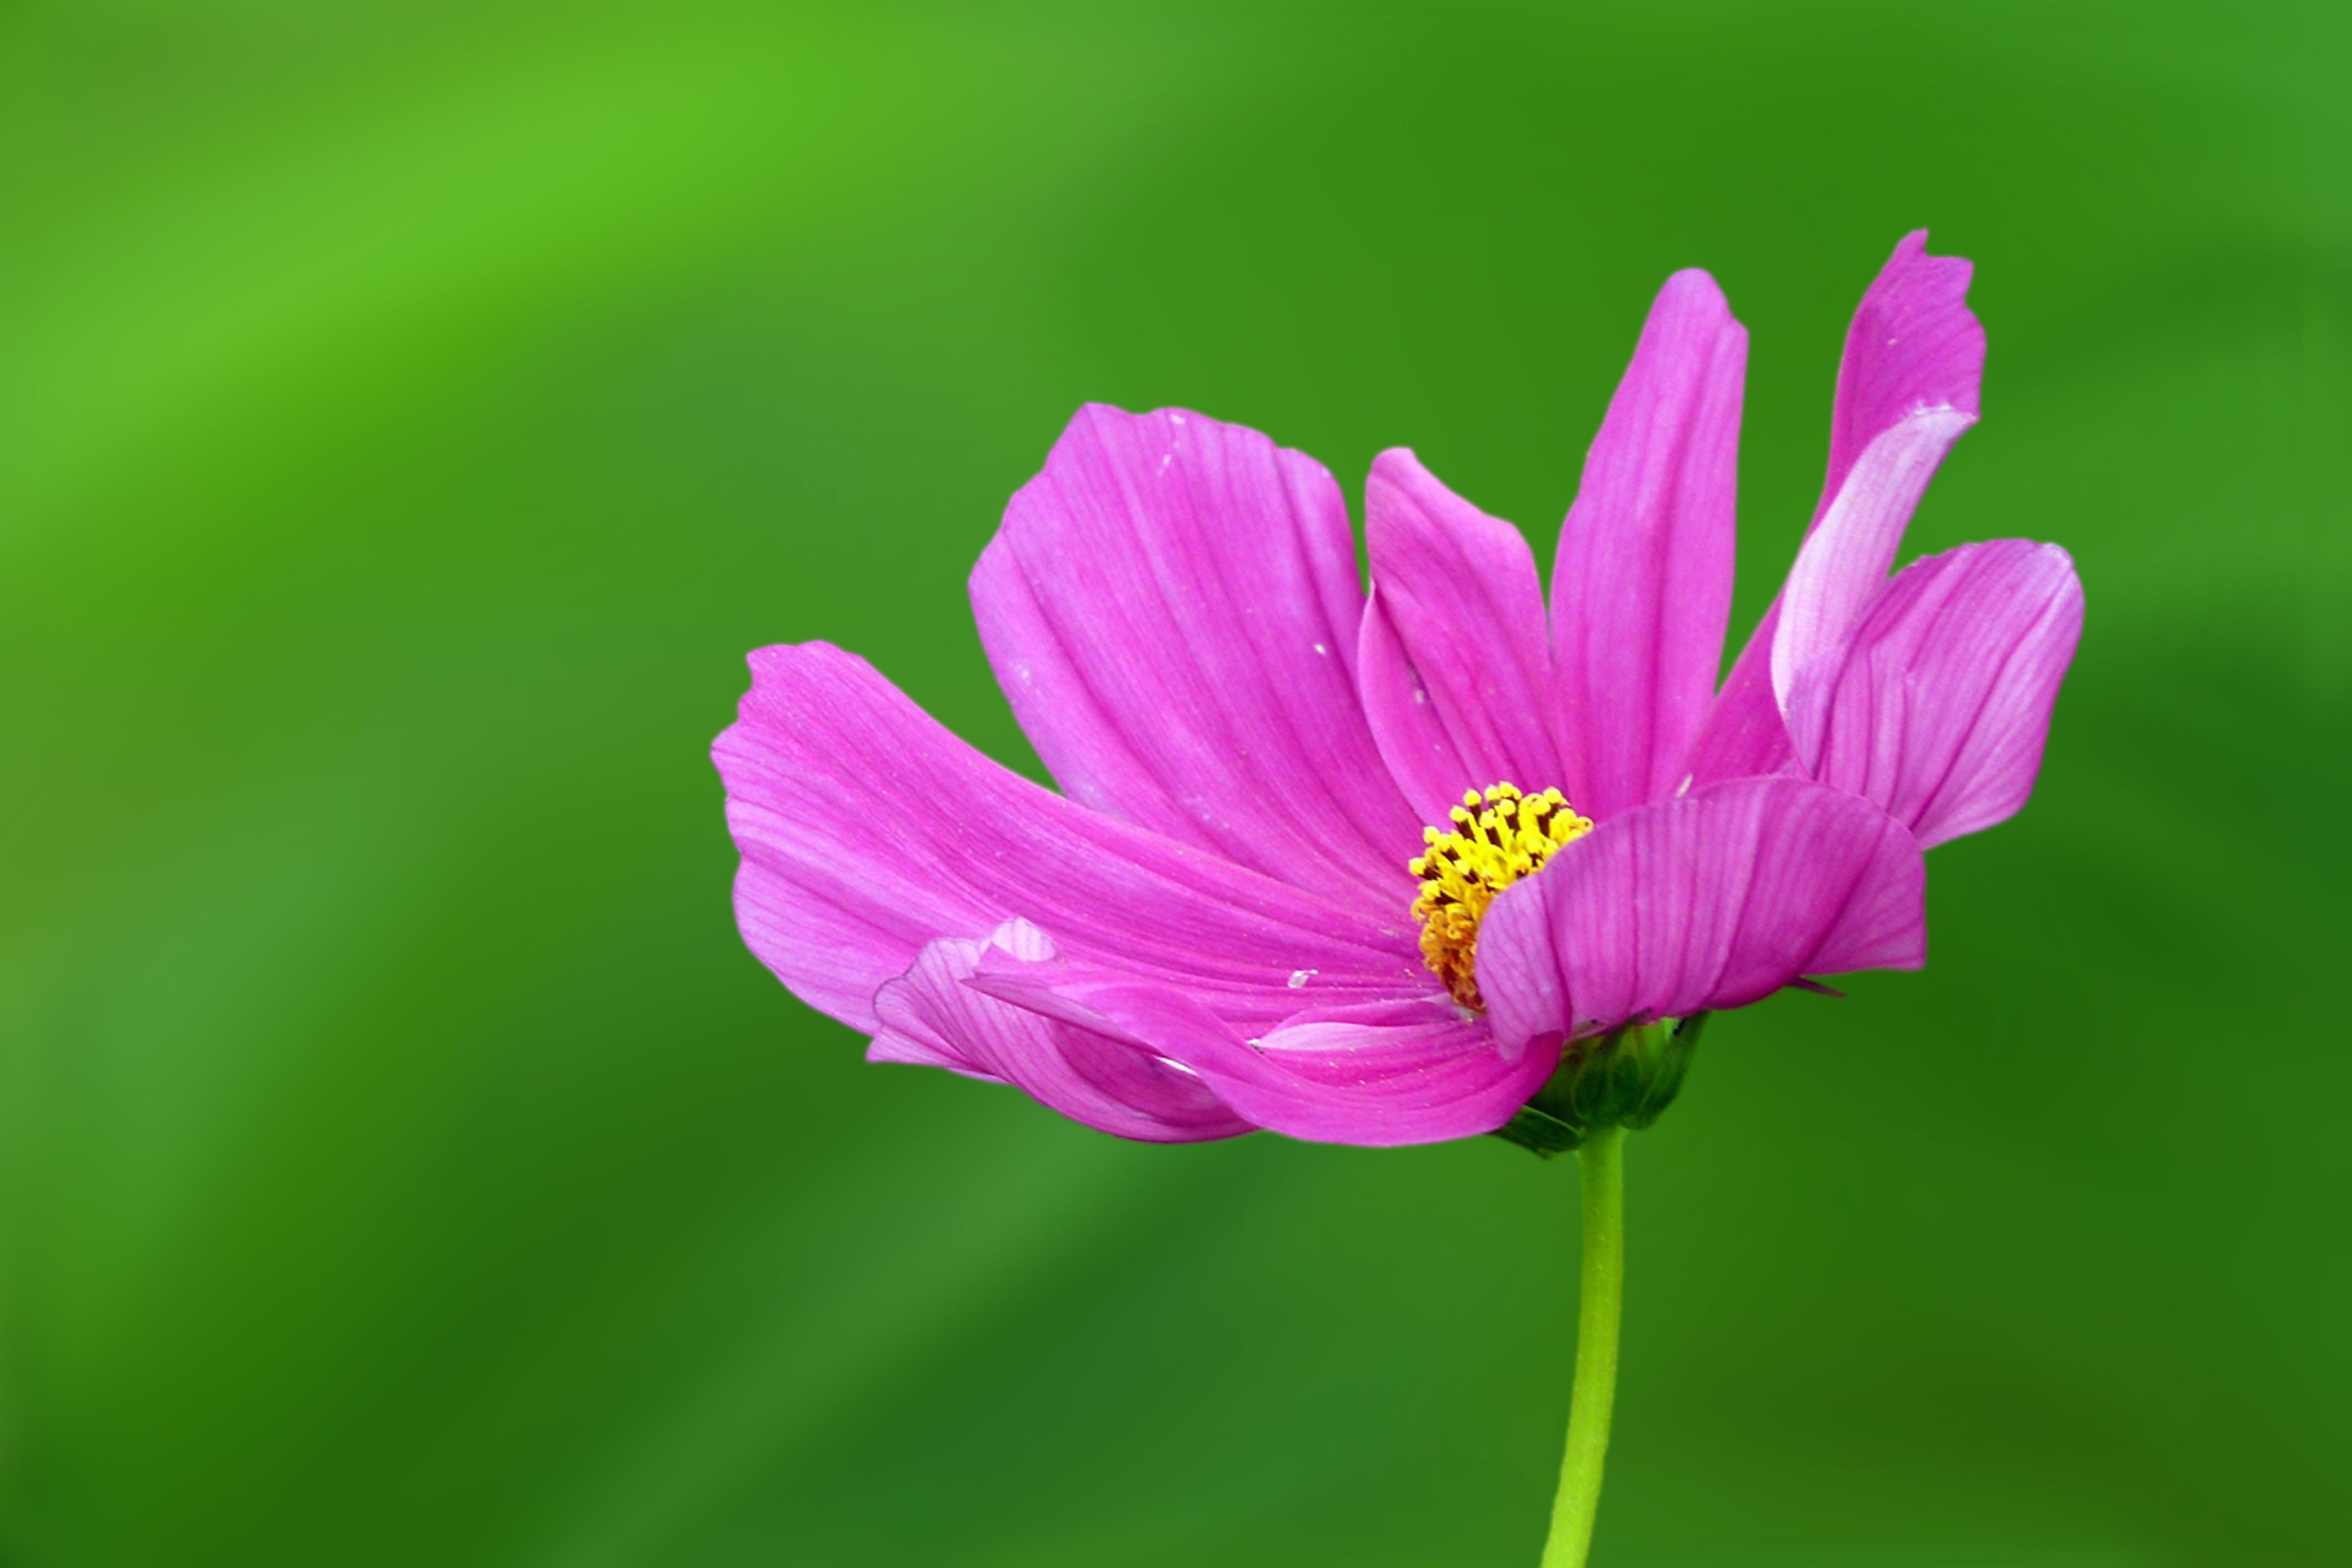 flóra, jasný, jemný